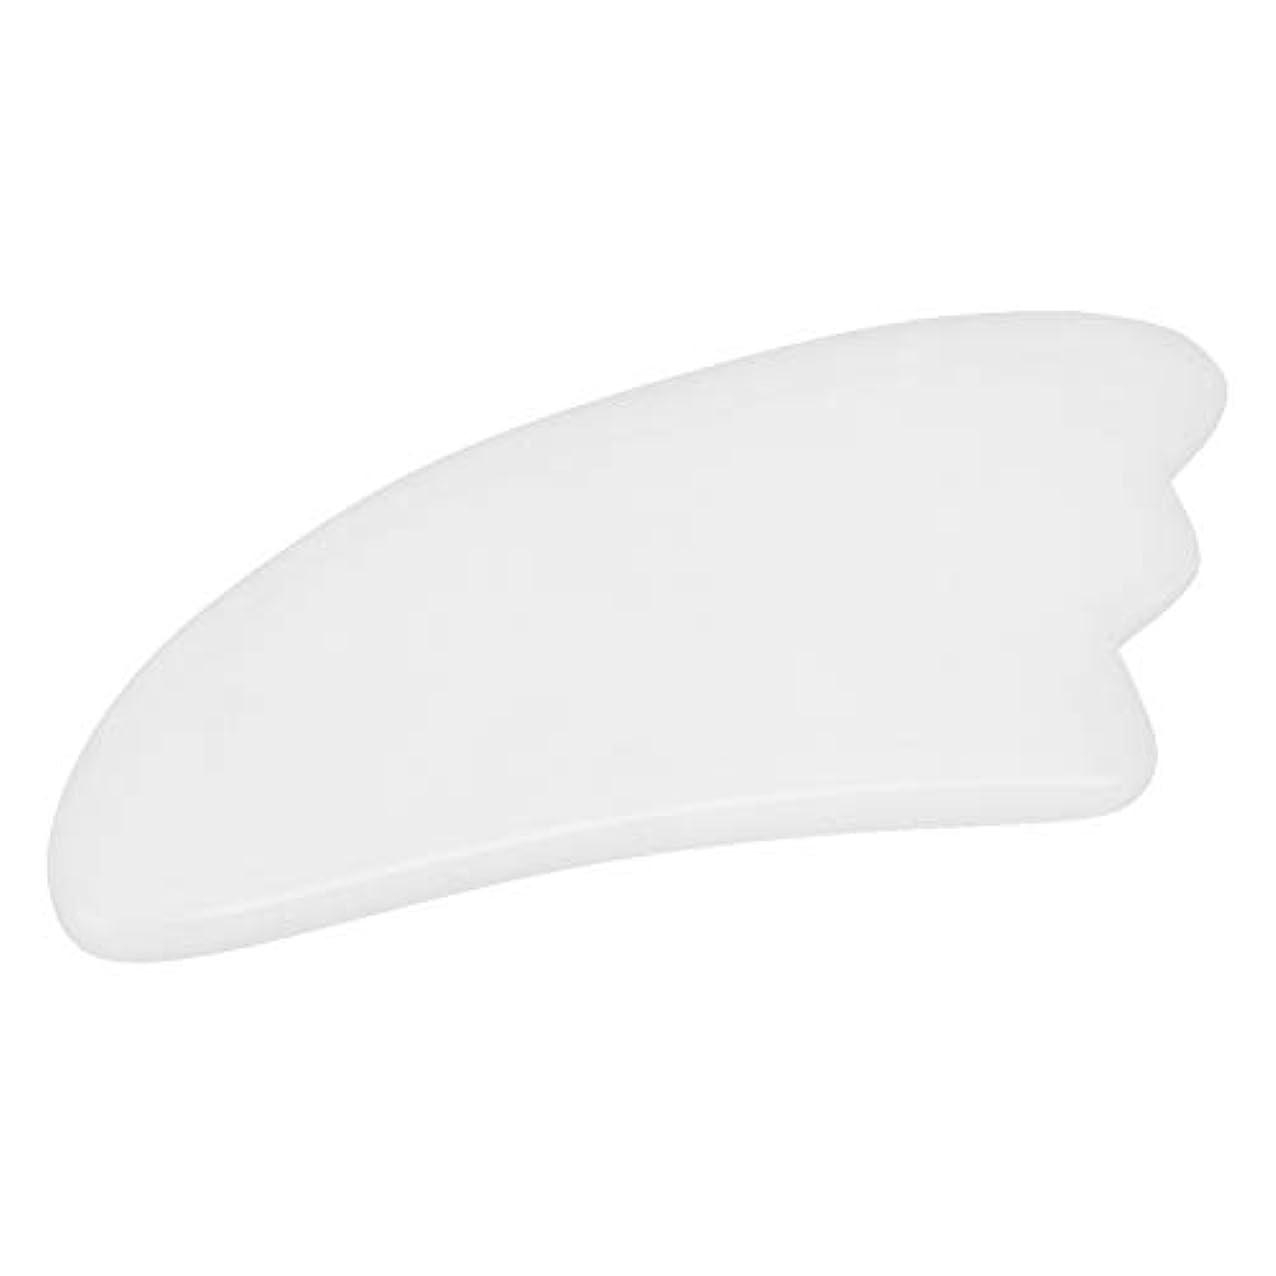 軽減する顕現排他的カッサ板 - Delaman かっさ プレート、羽型、マッサージ器 、天然石、血液の循環を促進し、美顔、ホワイト